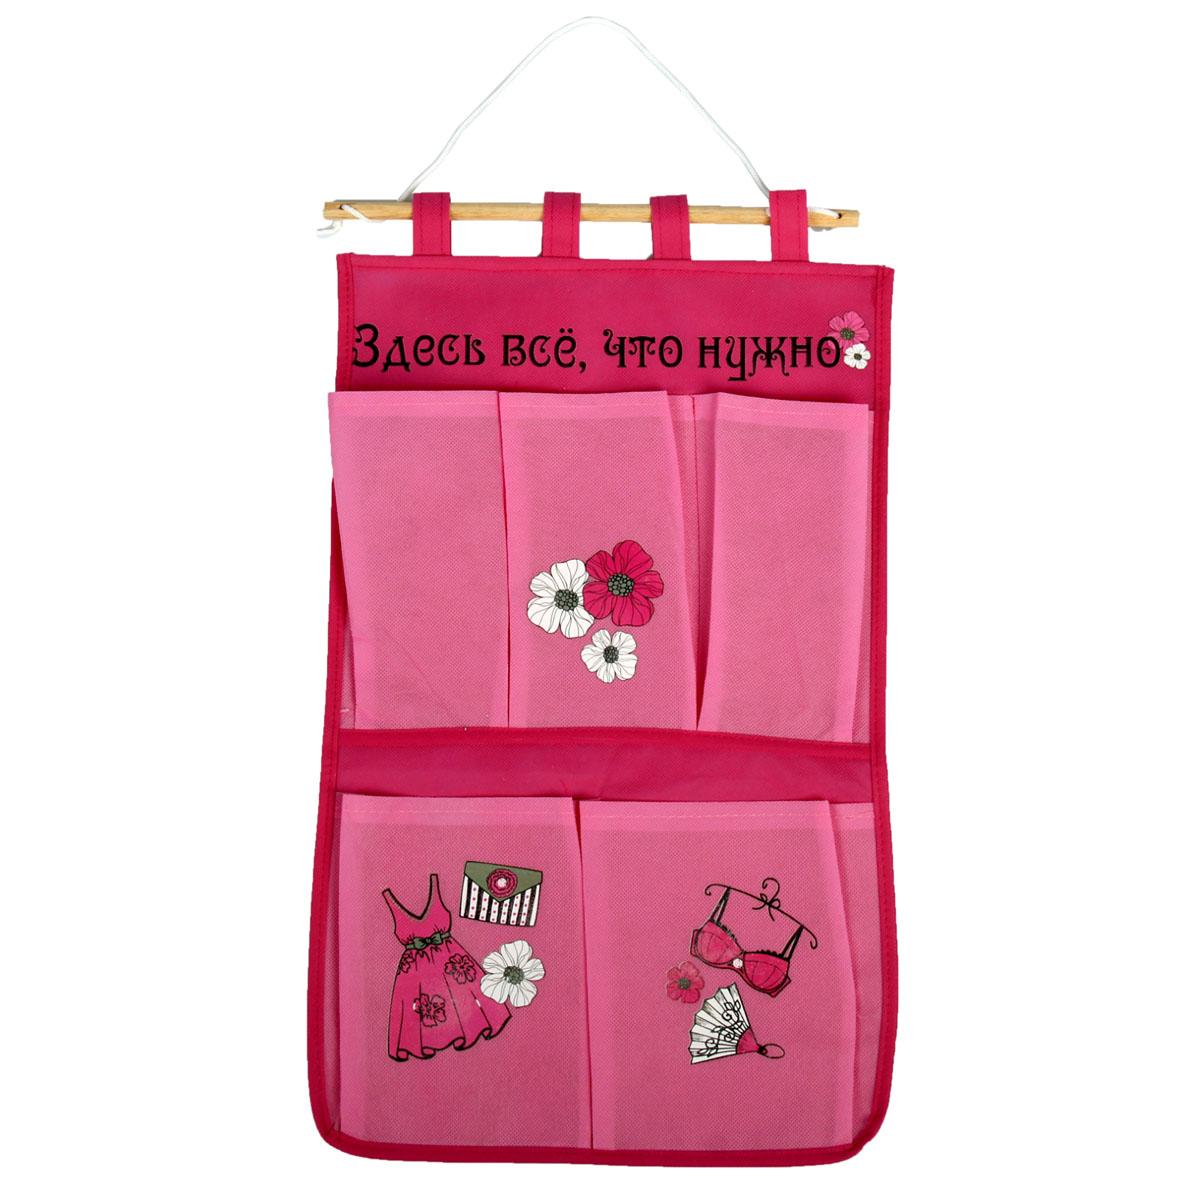 Кармашки на стену Sima-land Здесь все, что нужно, цвет: розовый, 5 шт906892Кармашки на стену Sima-land Здесь все, что нужно, изготовленные из текстиля, предназначены для хранения необходимых вещей, множества мелочей в гардеробной, ванной, детской комнатах. Изделие представляет собой текстильное полотно с 5 пришитыми кармашками. Благодаря деревянной планке и шнурку, кармашки можно подвесить на стену или дверь в необходимом для вас месте. Кармашки декорированы изображениями женских различных аксессуаров, одежды и цветов. Этот нужный предмет может стать одновременно и декоративным элементом комнаты. Яркий дизайн, как ничто иное, способен оживить интерьер вашего дома.